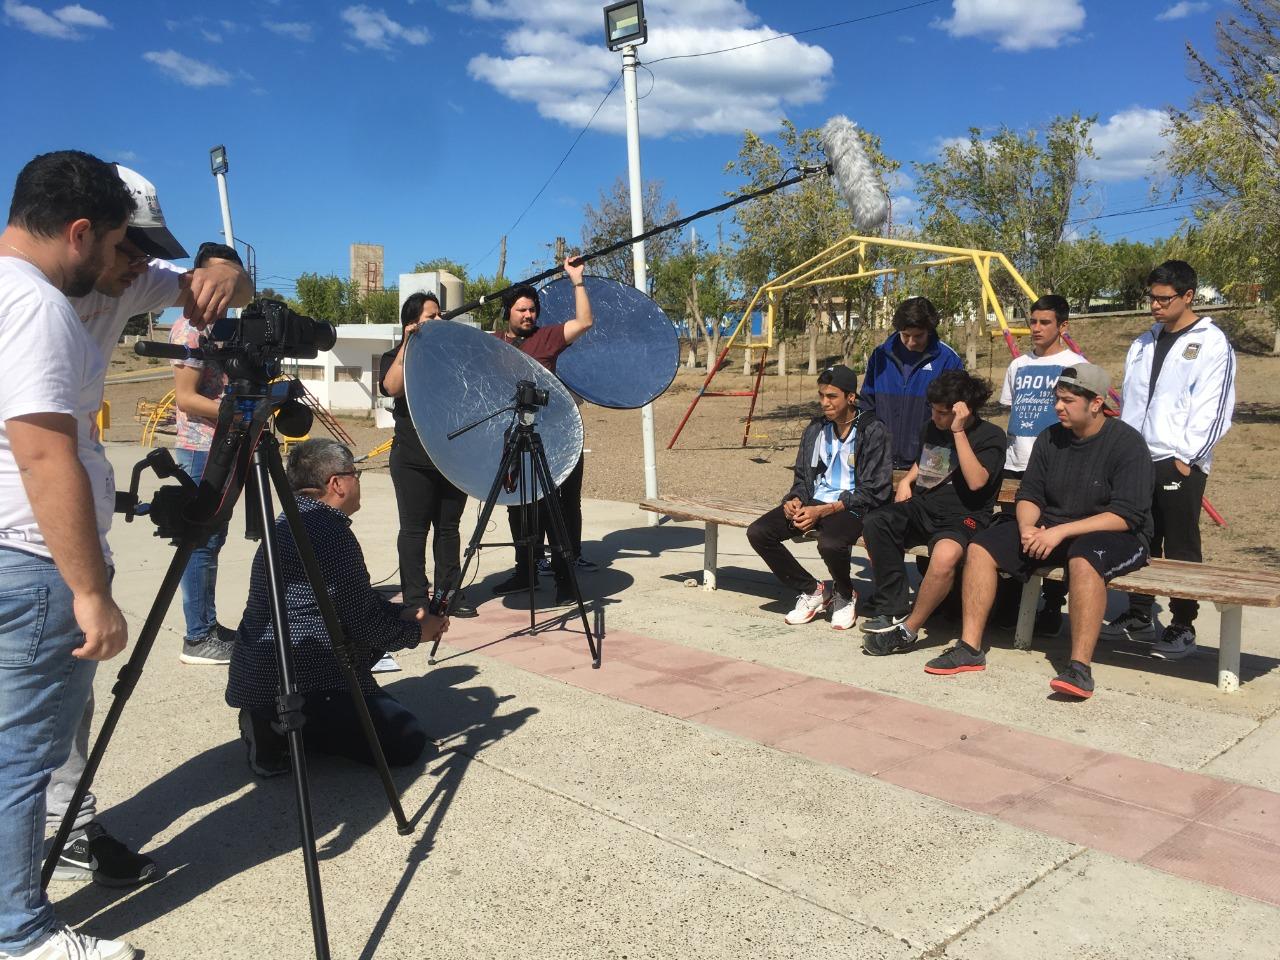 El equipo de realización filmó algunos eventos de 'malvinización' durante el año 2019. Aquí entrevistando a adolescentes de distintos barrios caletenses. Foto: L. Silva.